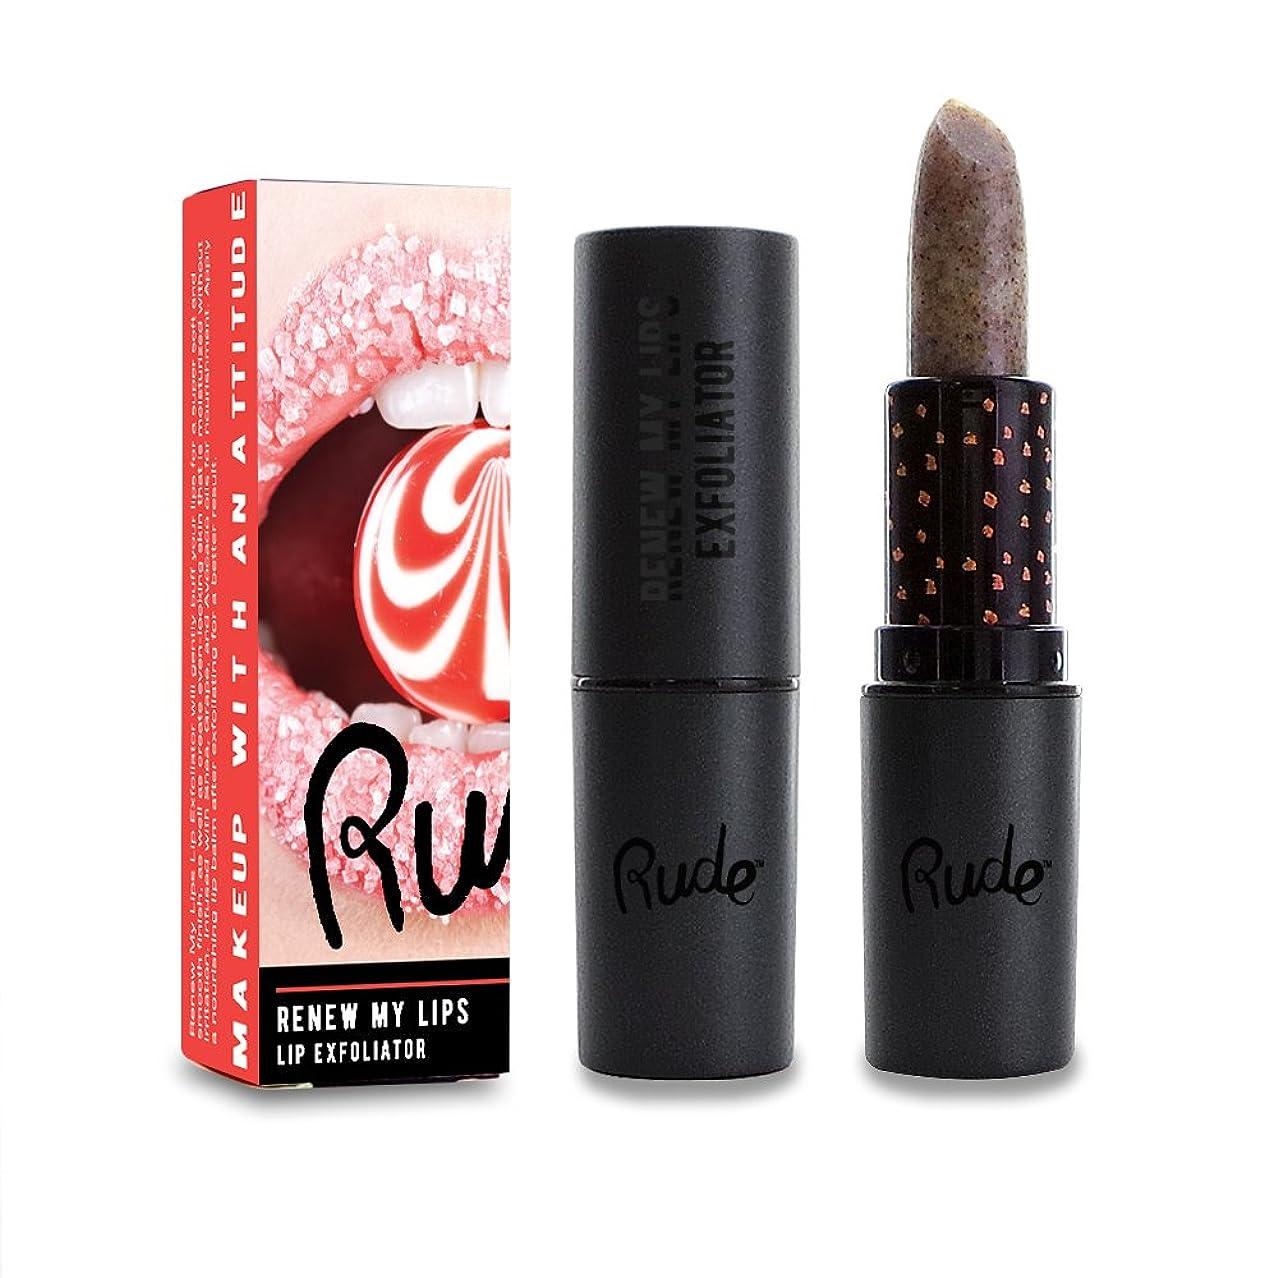 肺炎他の場所ぜいたく(3 Pack) RUDE Renew My Lips Lip Exfoliator - Vanilla (並行輸入品)